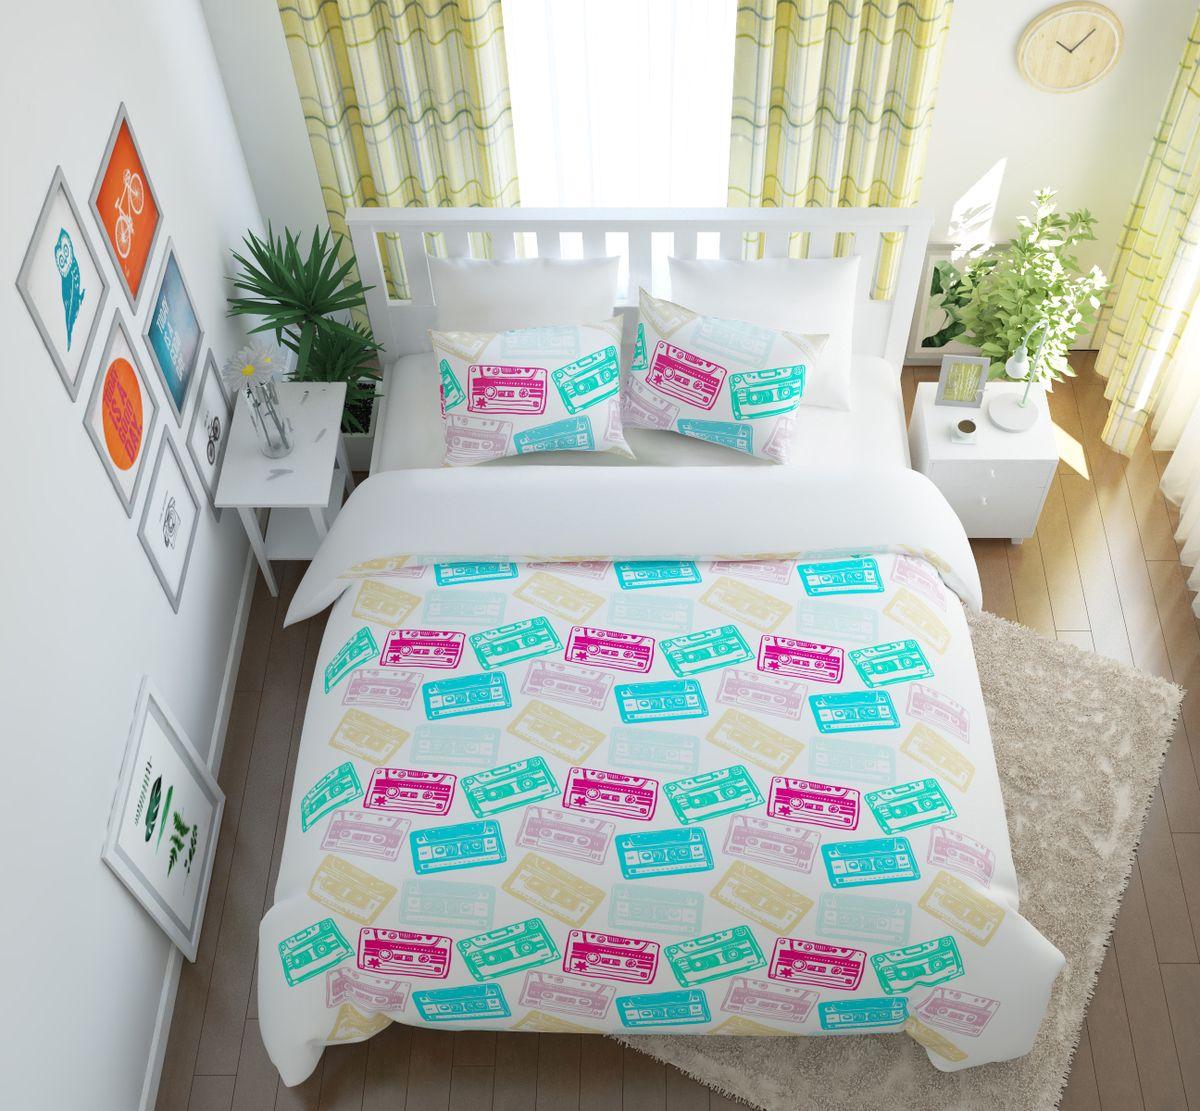 Комплект белья Сирень Фонотека, 2-спальный, наволочки 50х7005182-КПБ2-МКомплект постельного белья Сирень выполнен из прочной и мягкой ткани. Четкий и стильный рисунок в сочетании с насыщенными красками делают комплект постельного белья неповторимой изюминкой любого интерьера.Постельное белье идеально подойдет для подарка. Идеальное соотношение смешенной ткани и гипоаллергенных красок - это гарантия здорового, спокойного сна. Ткань хорошо впитывает влагу, надолго сохраняет яркость красок.В комплект входят: простынь, пододеяльник, две наволочки. Постельное белье легко стирать при 30-40°С, гладить при 150°С, не отбеливать. Рекомендуется перед первым использованием постирать.УВАЖАЕМЫЕ КЛИЕНТЫ! Обращаем ваше внимание, что цвет простыни, пододеяльника, наволочки в комплектации может немного отличаться от представленного на фото.